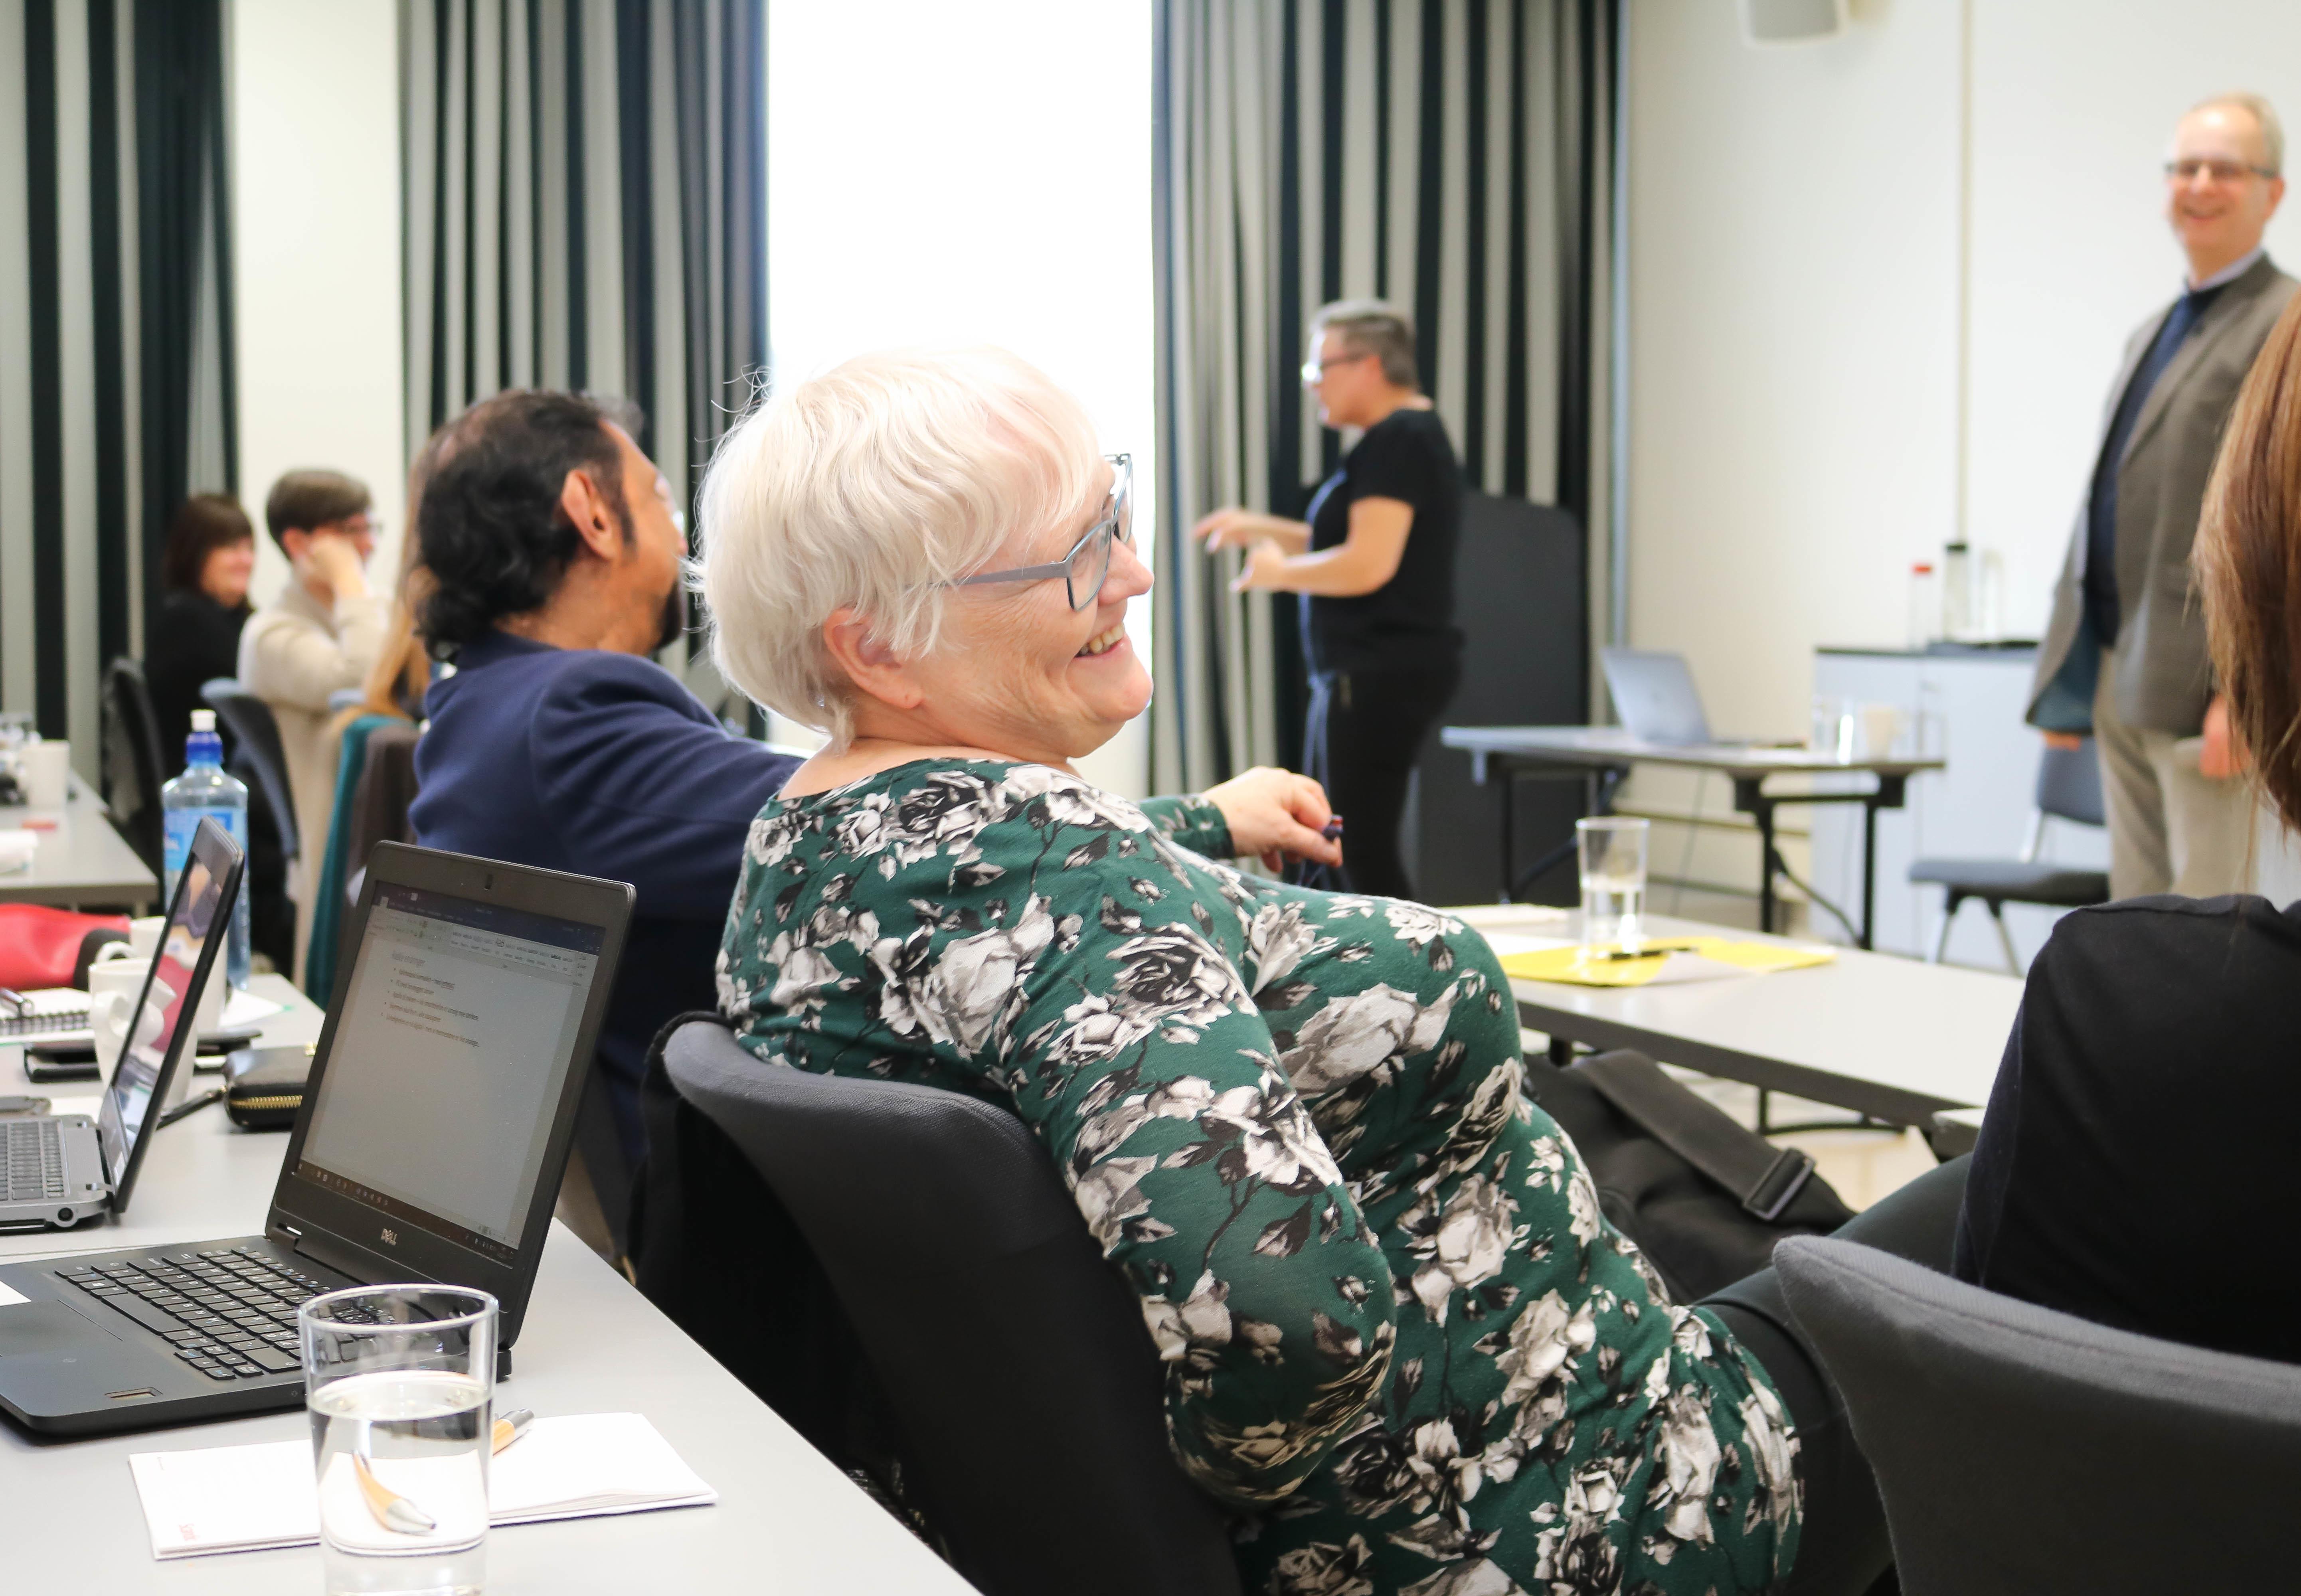 Kvinne med hvitt hår og briller smiler og lener seg tilbake på stolen sin, under foredrag.